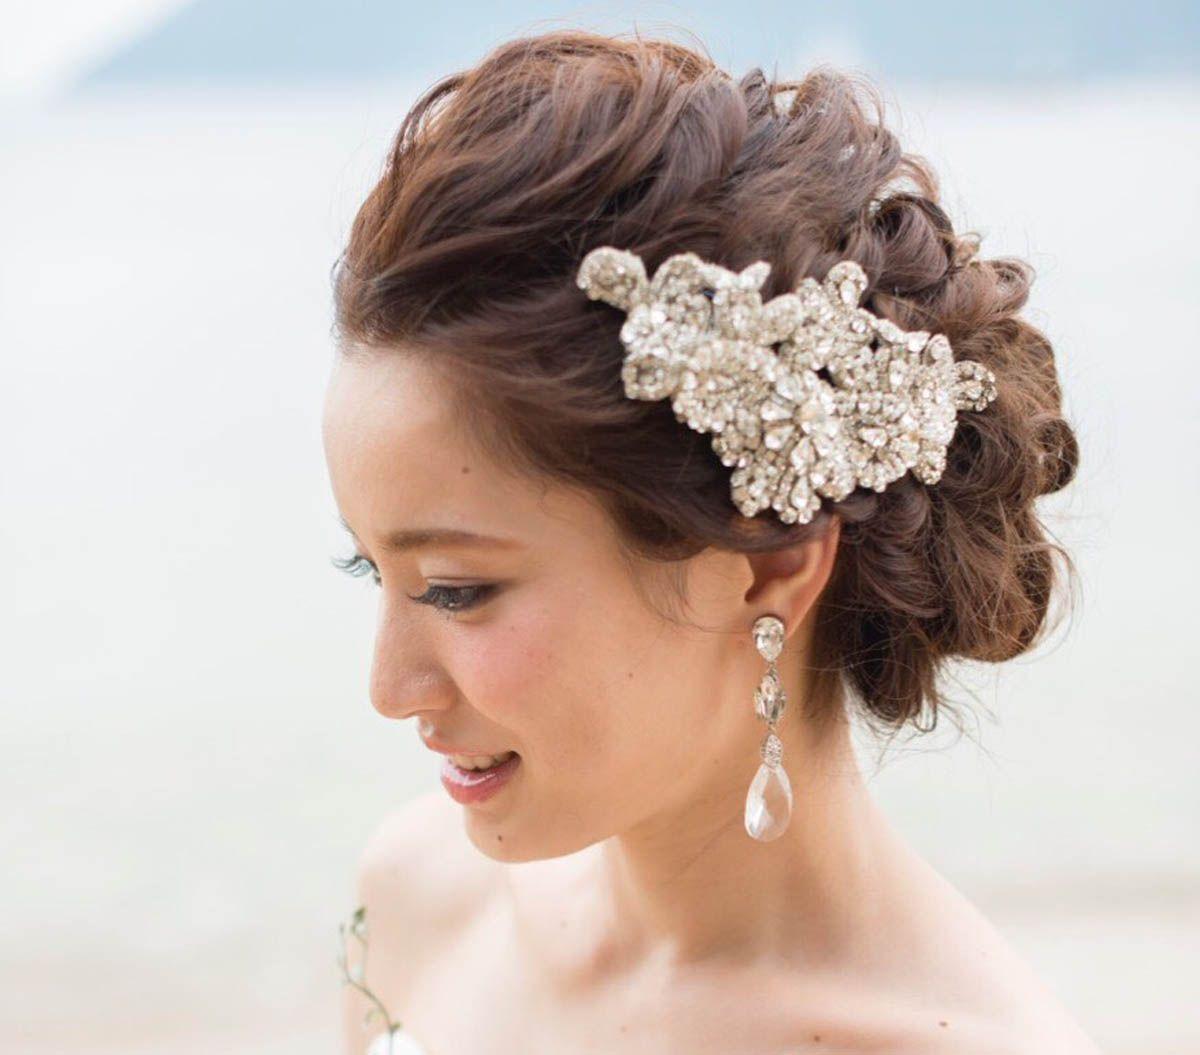 花嫁の最新ヘアカタログ ビジューを使ったヘアアレンジ5選